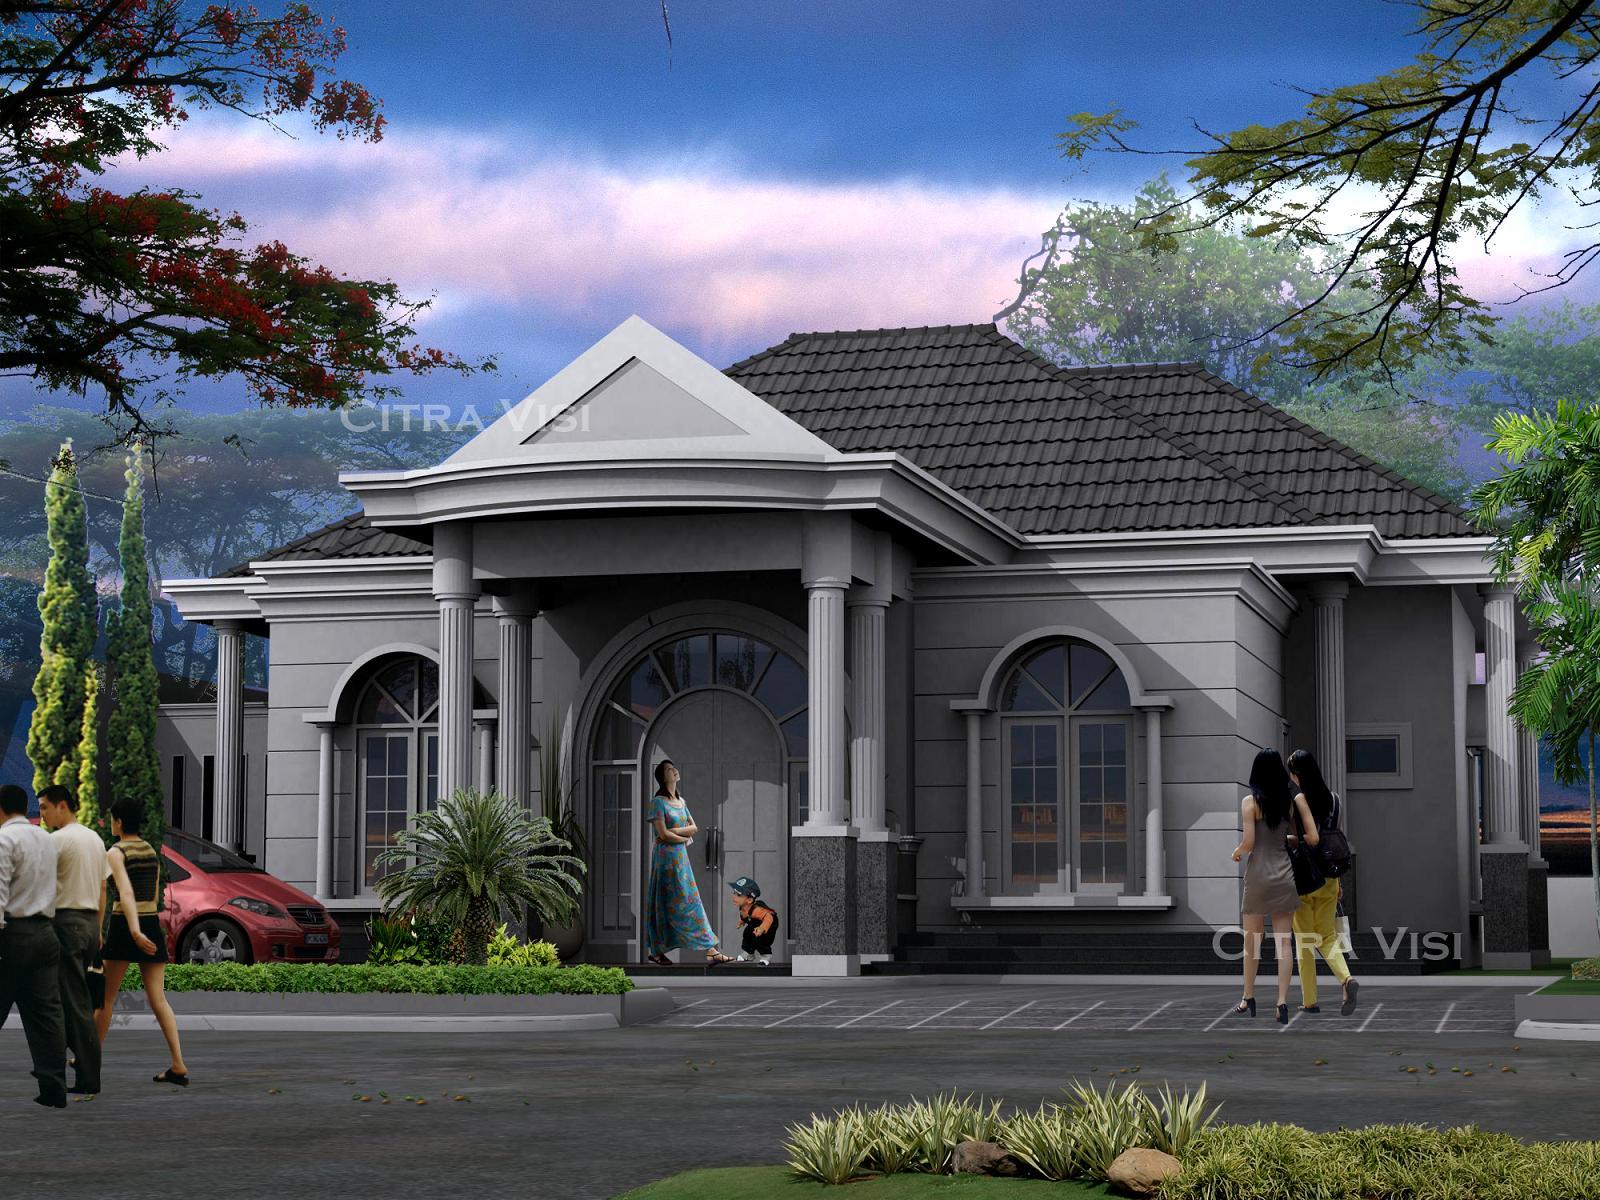 rumah klasik padang project 3d rumah klasik padang konsultan perencana